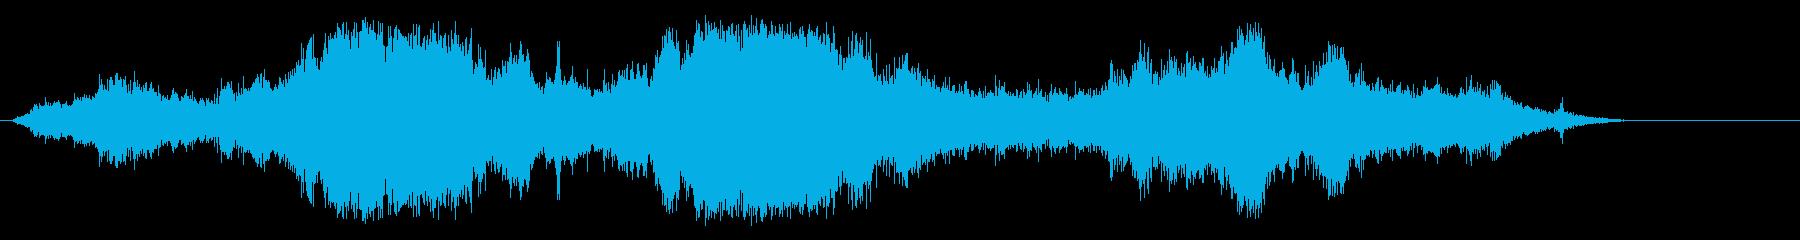 防波堤の再生済みの波形